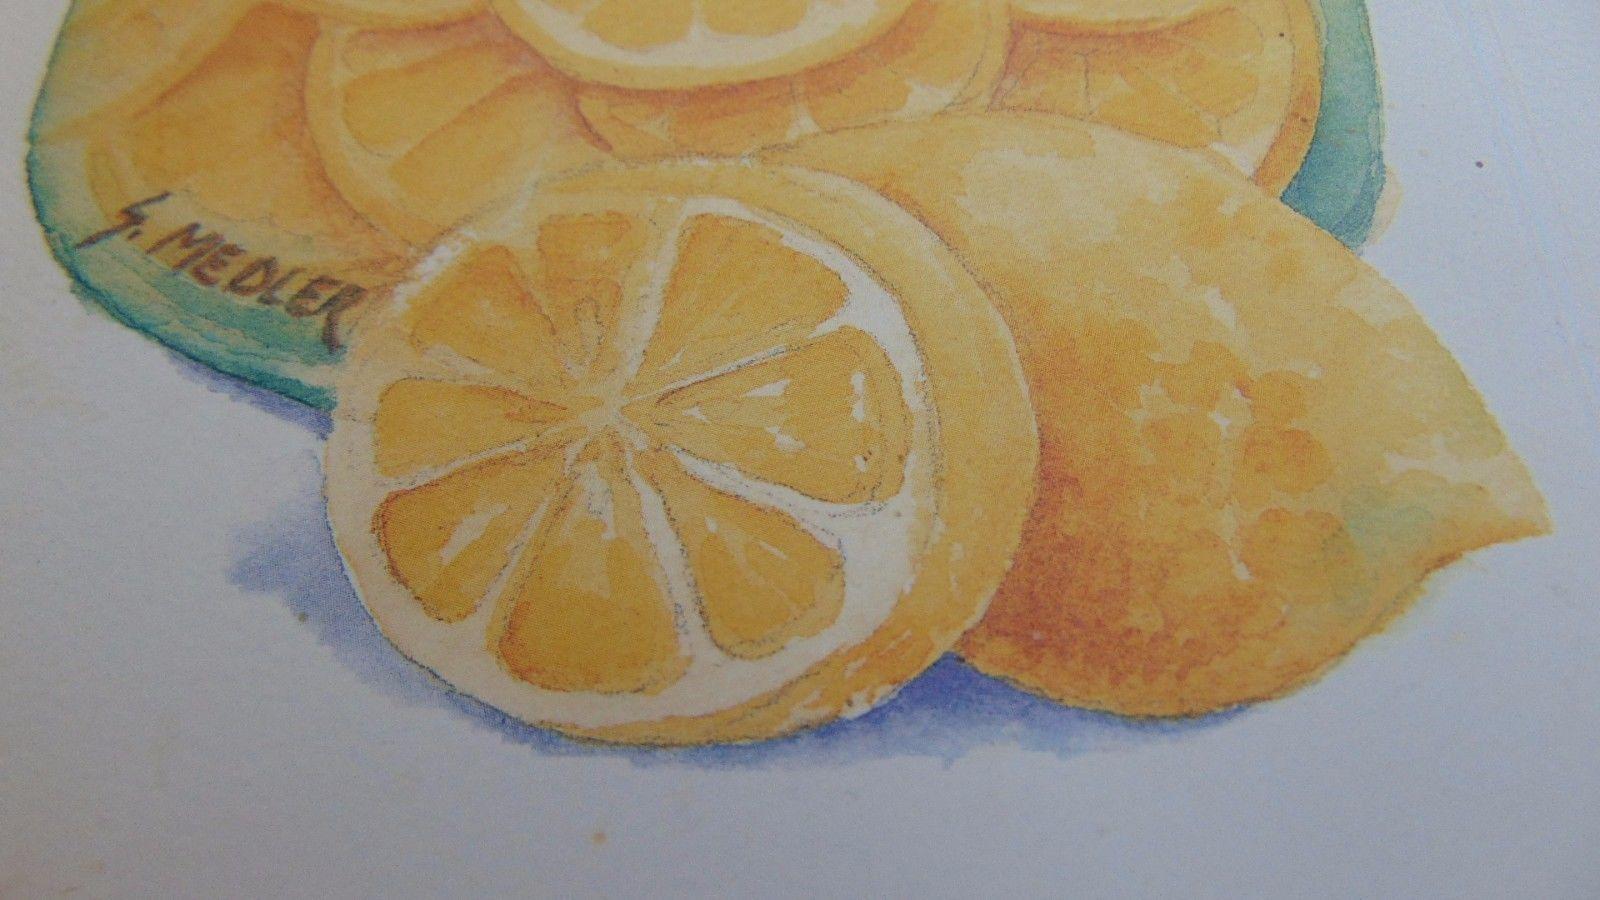 Lemon Picture Framed S.Medler Artist-1997-HoneyLemonVinegar-Jar-Kitchen Wall Art